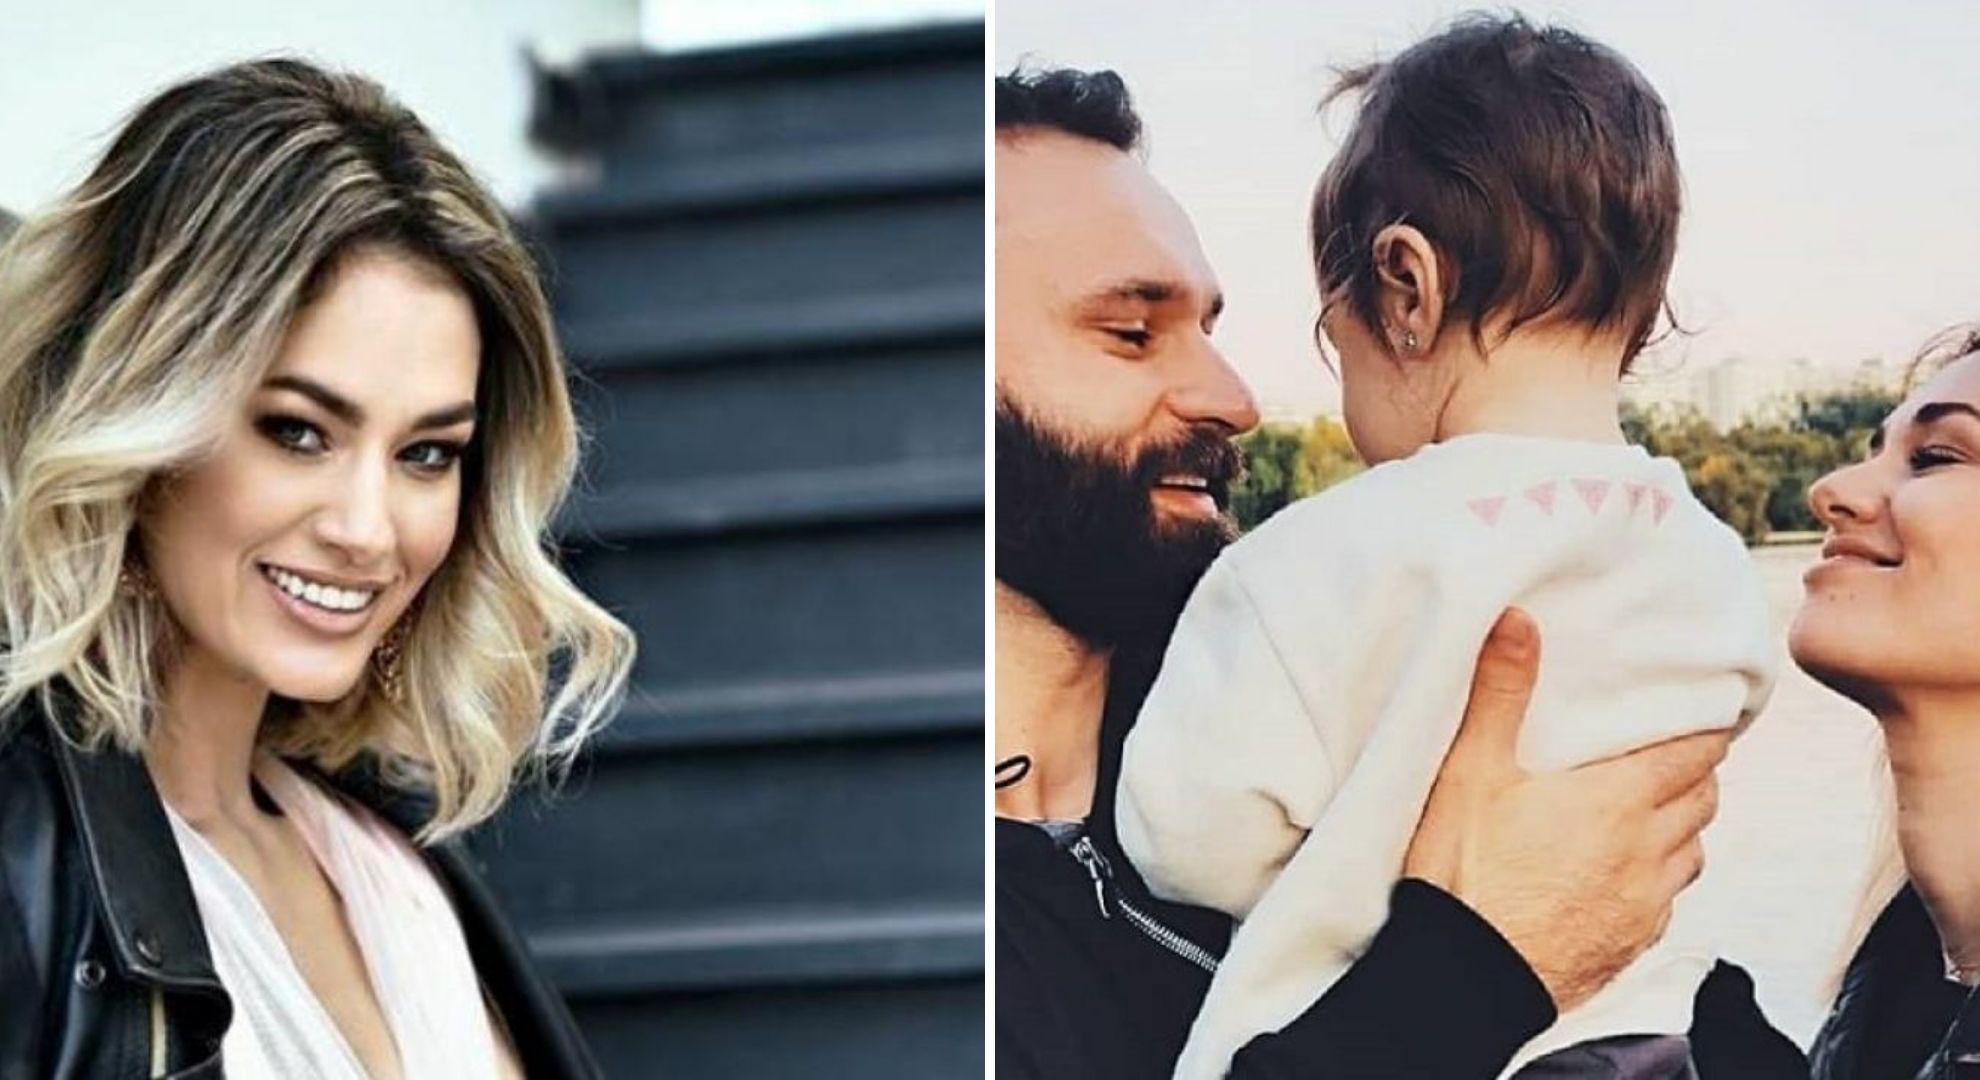 Feli a fost cerută în căsătorie! După câțiva ani de relație și un copil, va face pasul cel mare